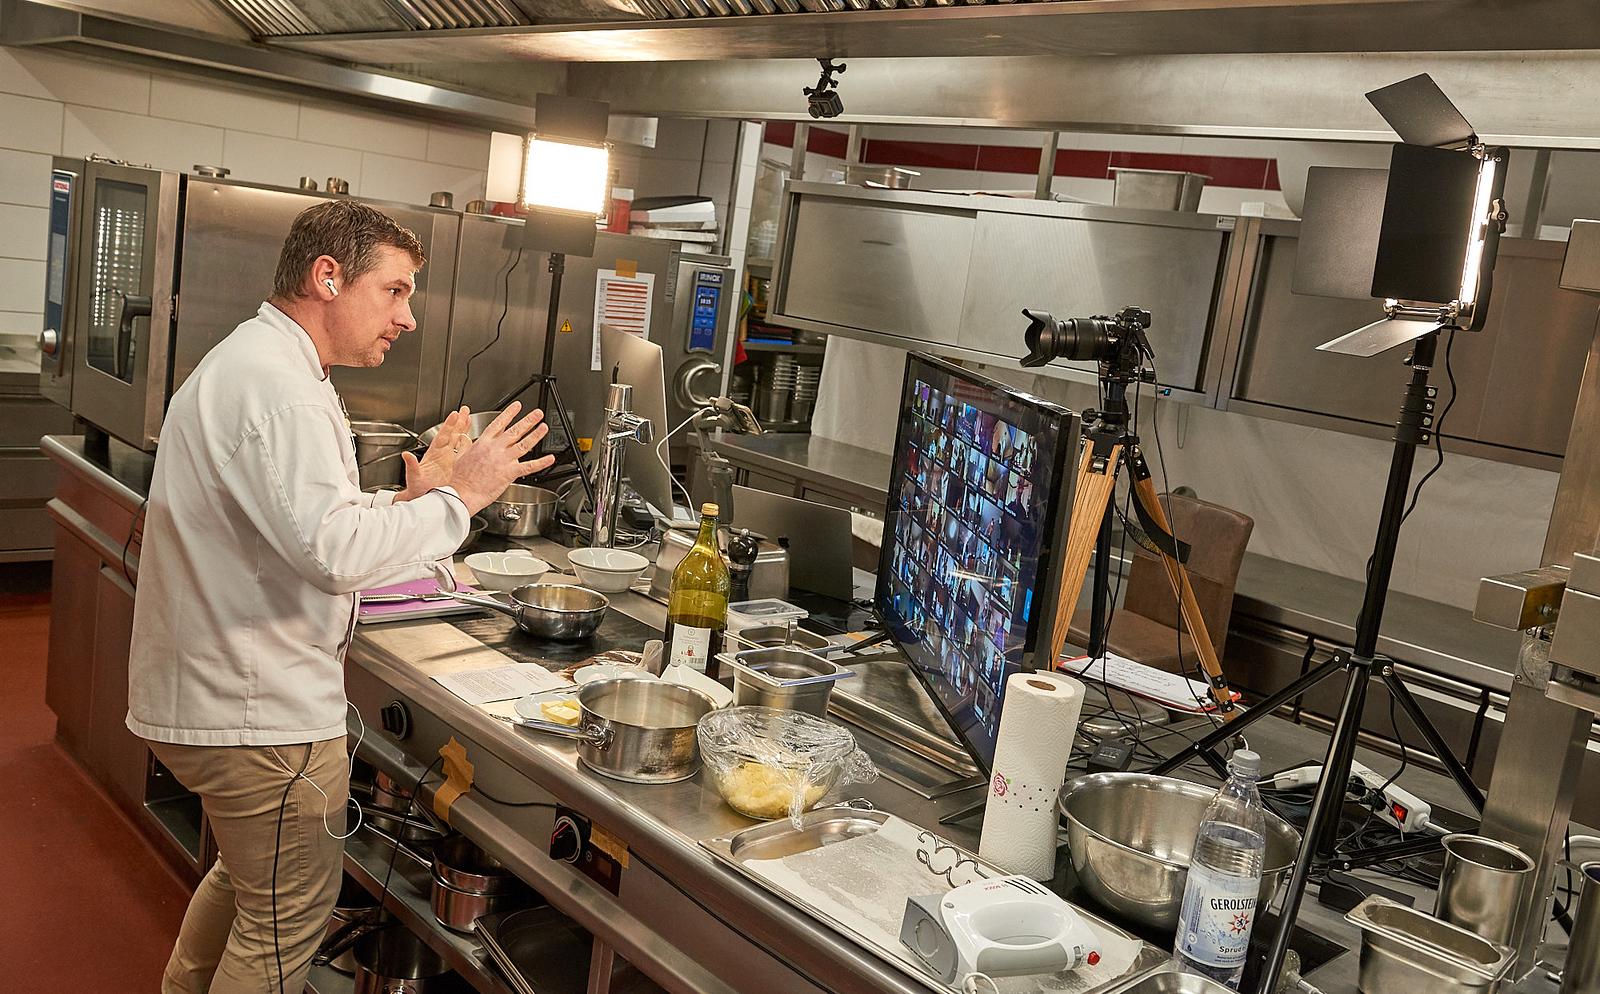 Hinter den Kulissen des Kochevents: Florian vom Weinbergschlösschen, Foto: © Achim Meurer www.achimmeurer.com